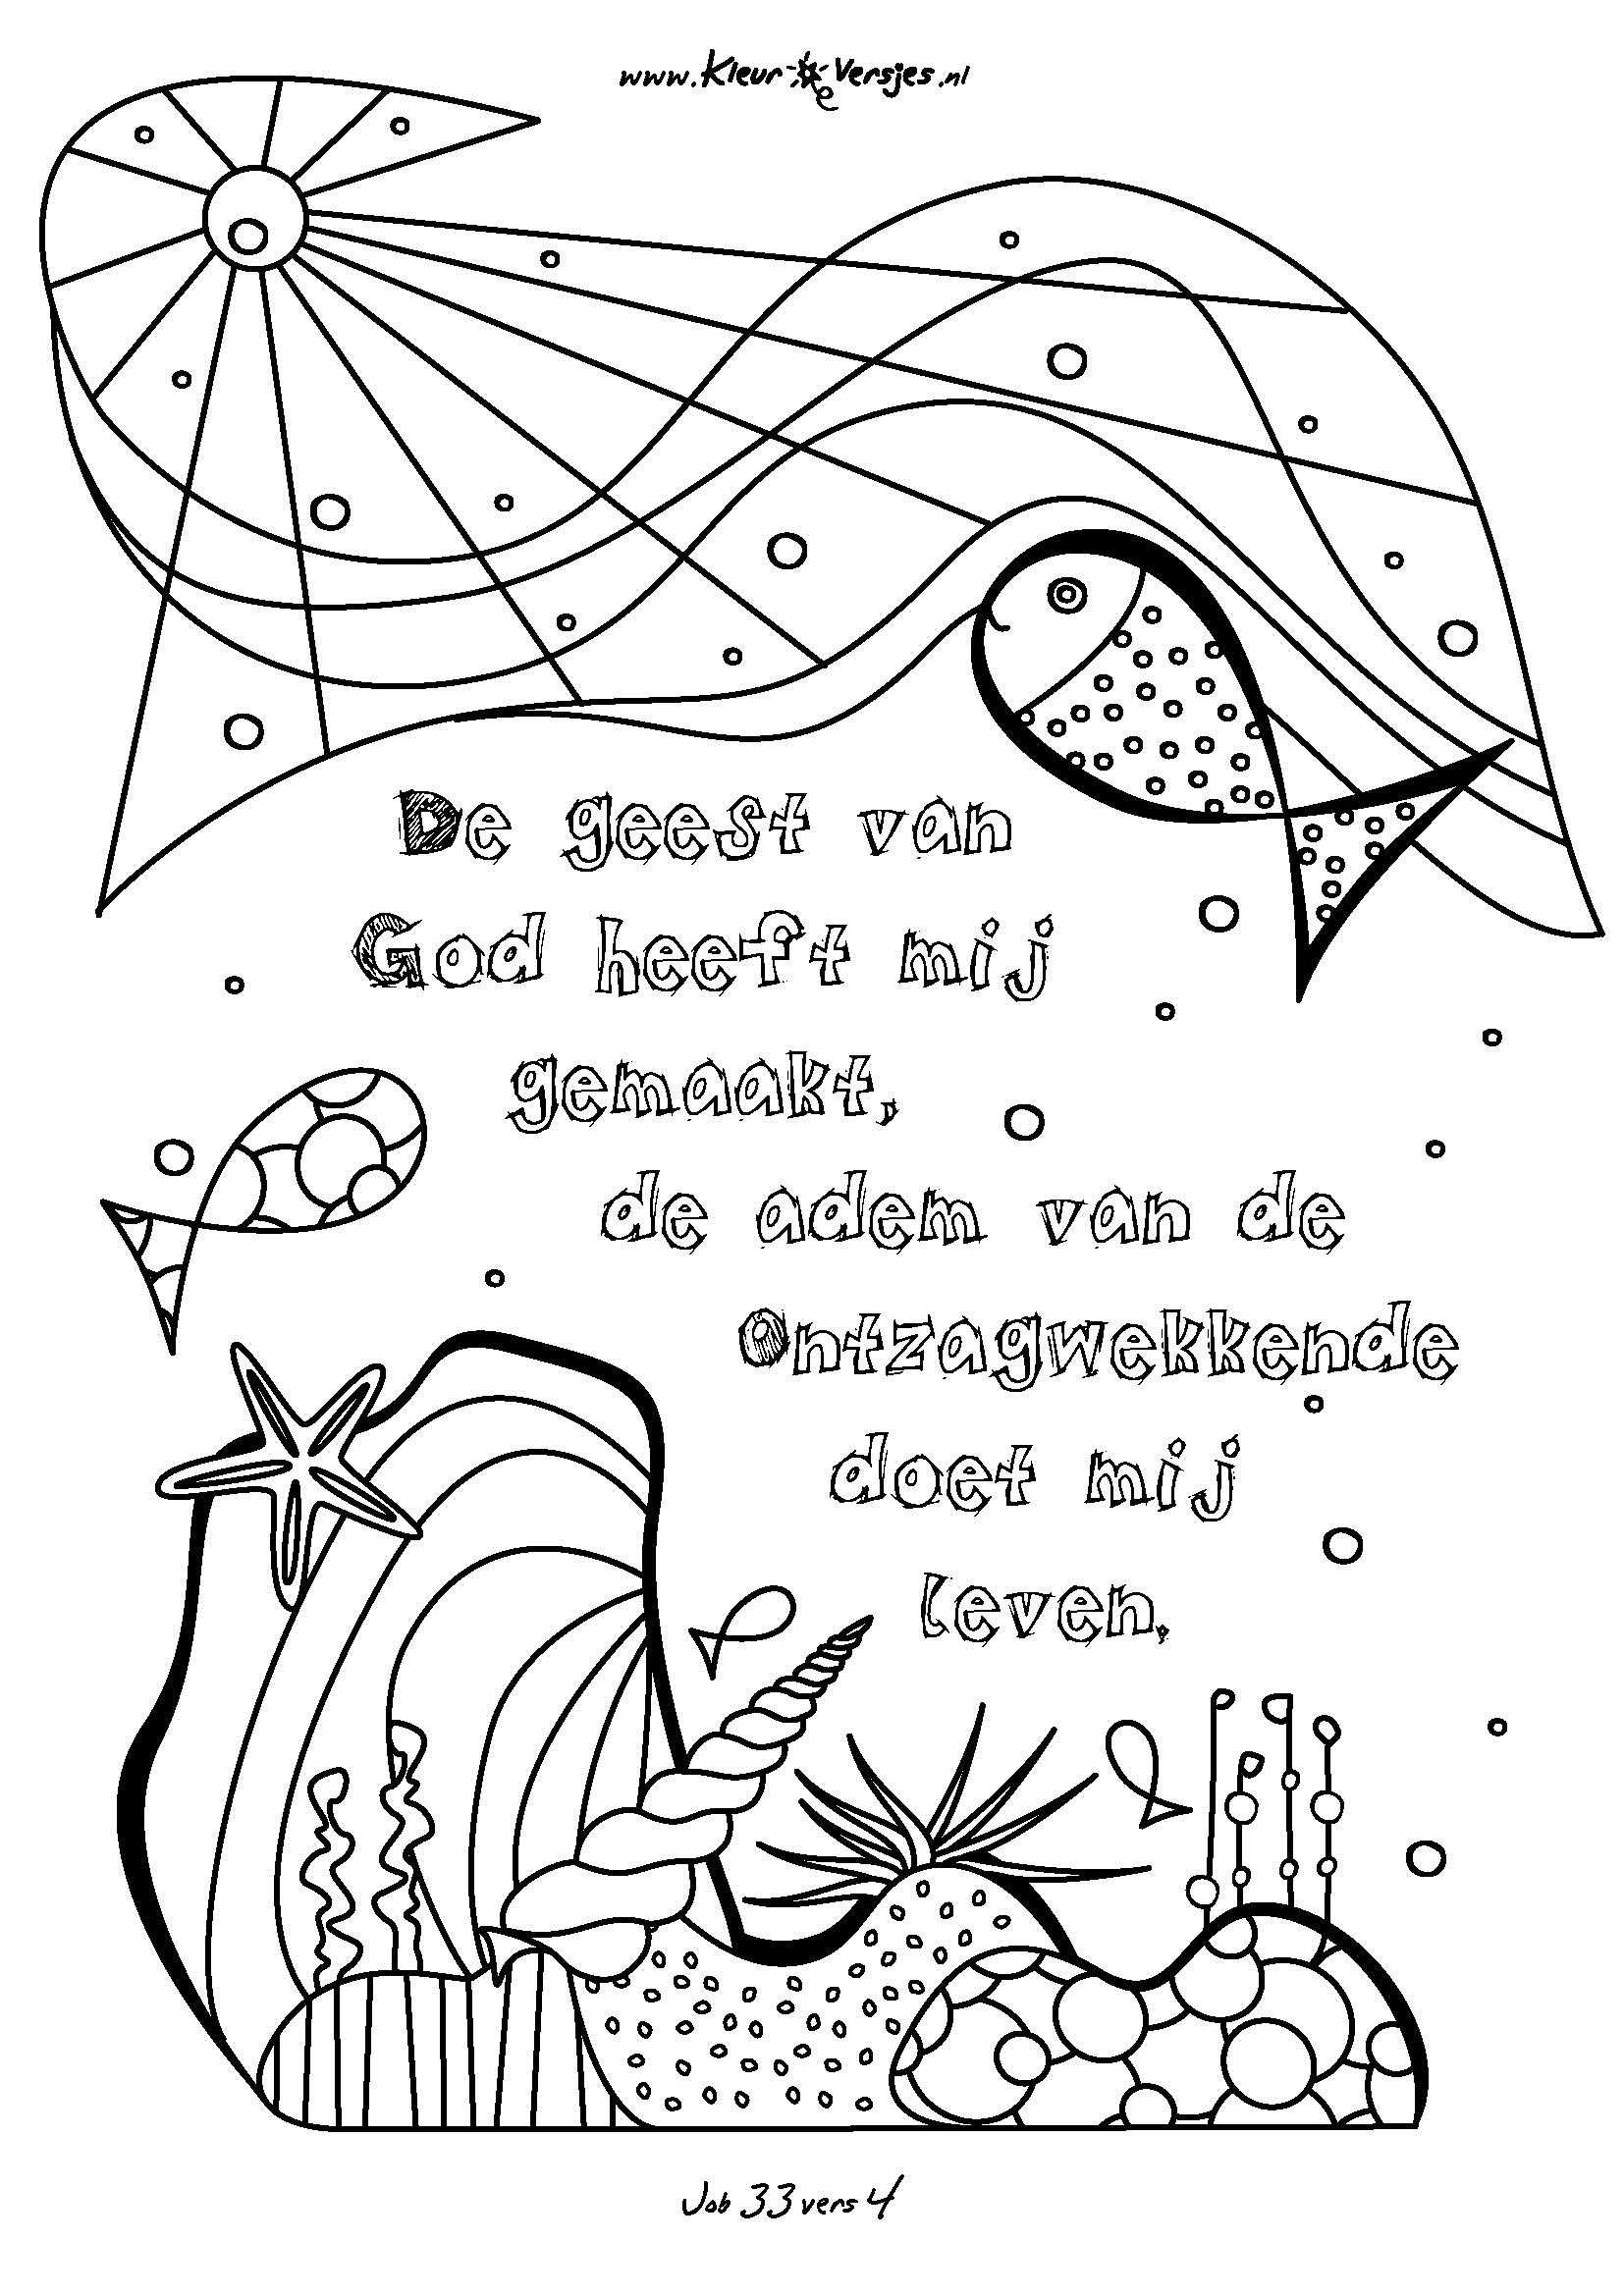 Kleurplaat Met Bijbeltekst Kleurversjes Nl De Leukste Christelijke Kleurplaten